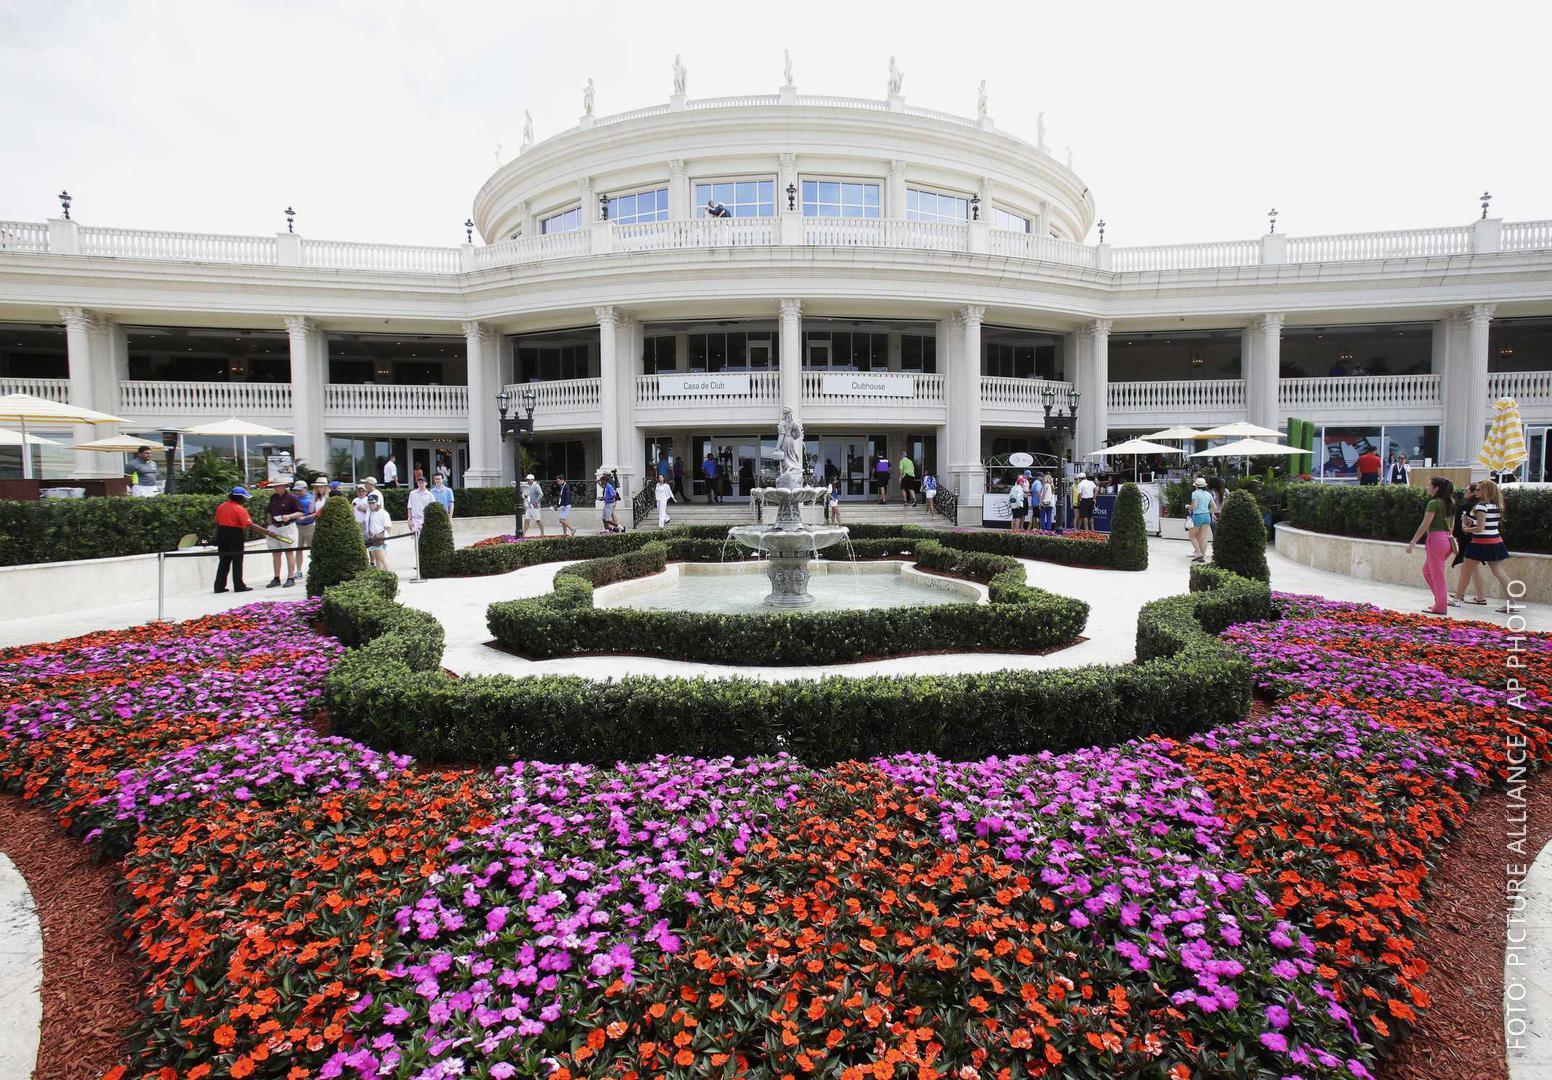 Ein prachtvolles Hotelgebäude mit einem bunten Blumenbeet davor